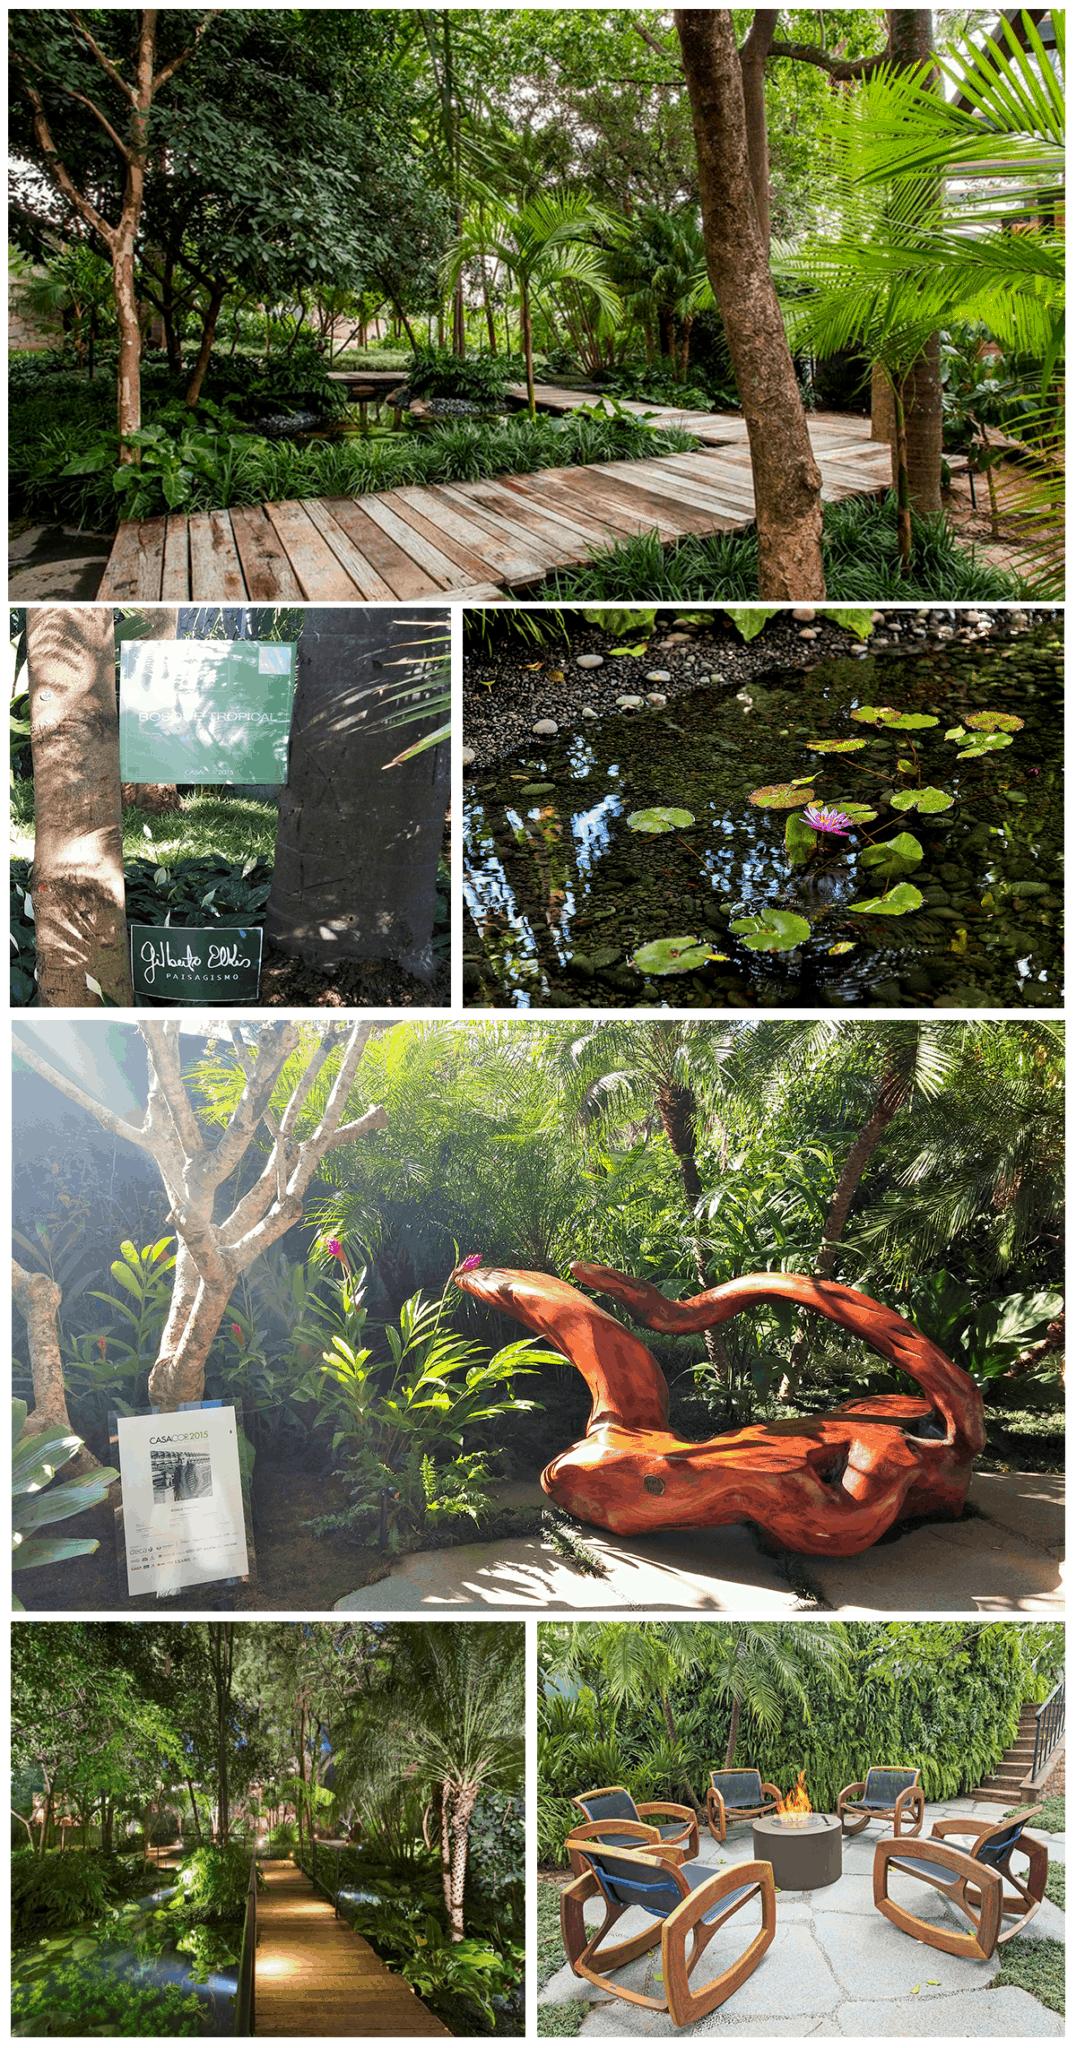 casa-cor-gilberto-elkis-bosque-tropical-decorar-com-charme